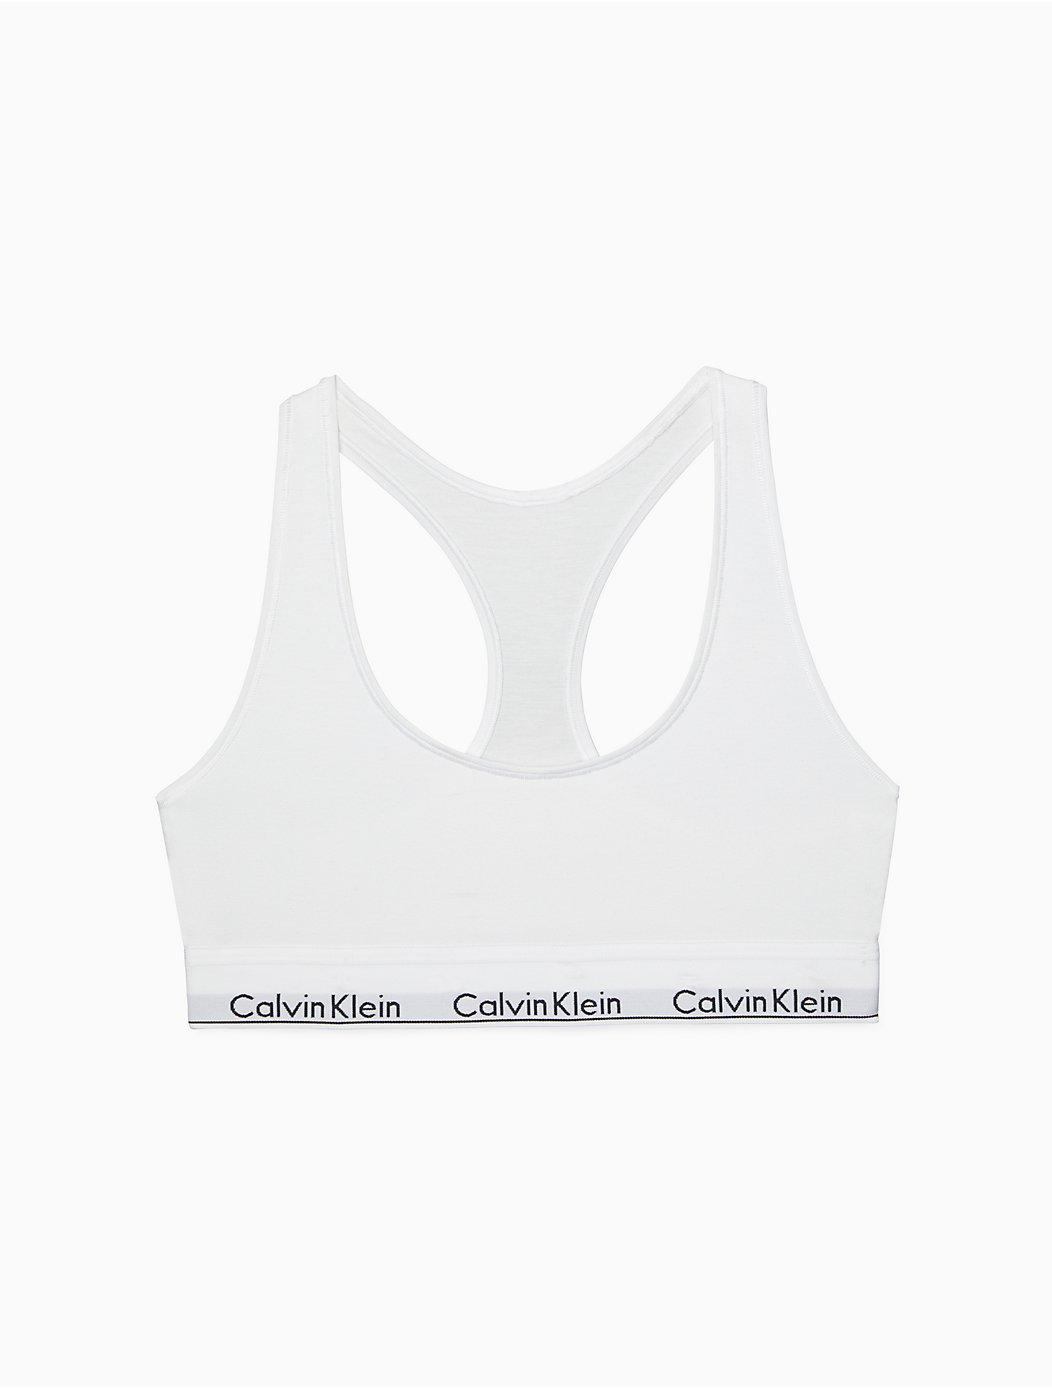 85af8c5deb4 Women. MODERN COTTON BRALETTE. XS - 3X $36.00. Calvin Klein Model Calvin  Klein Model Customize